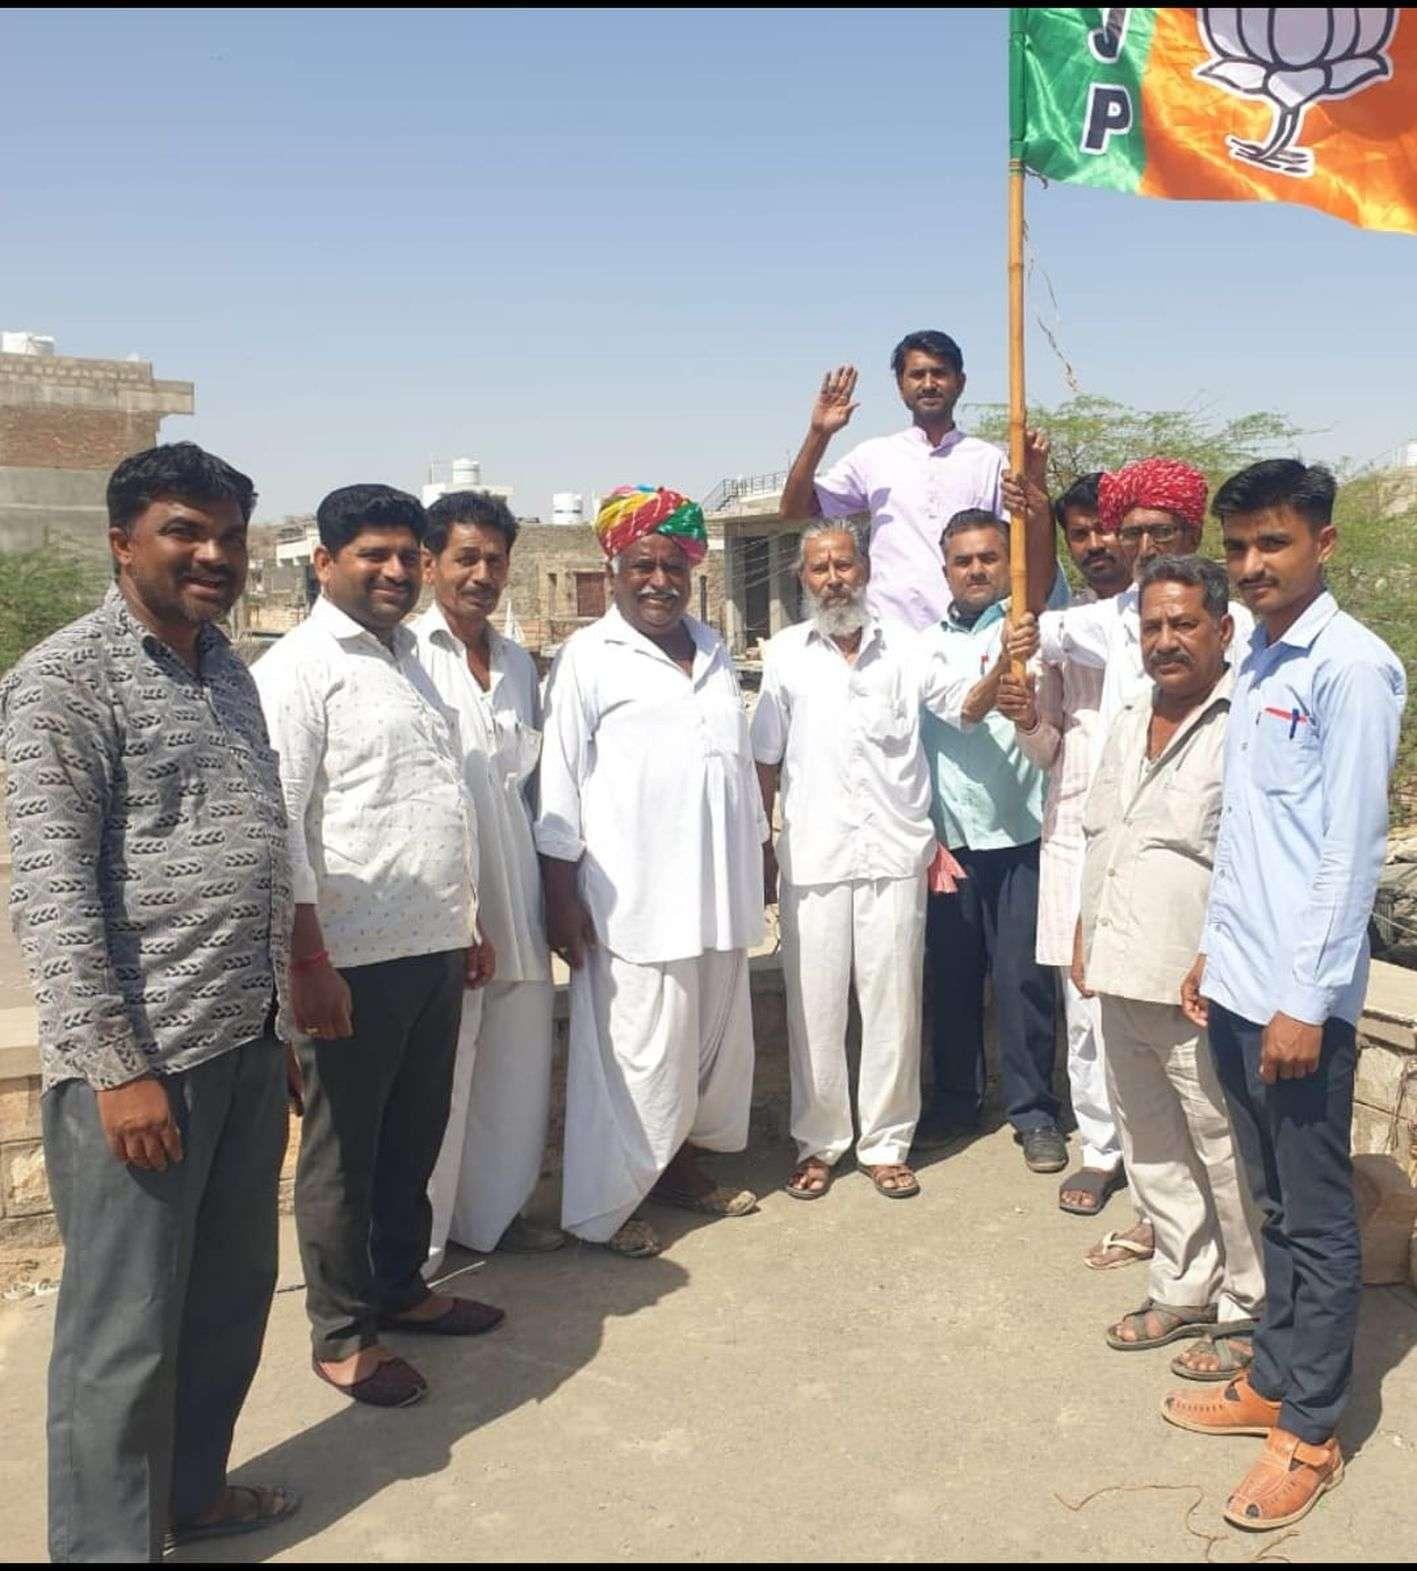 भाजपा का प्रत्येक कार्यकर्ता मोदी सरकार के साथ खड़ा